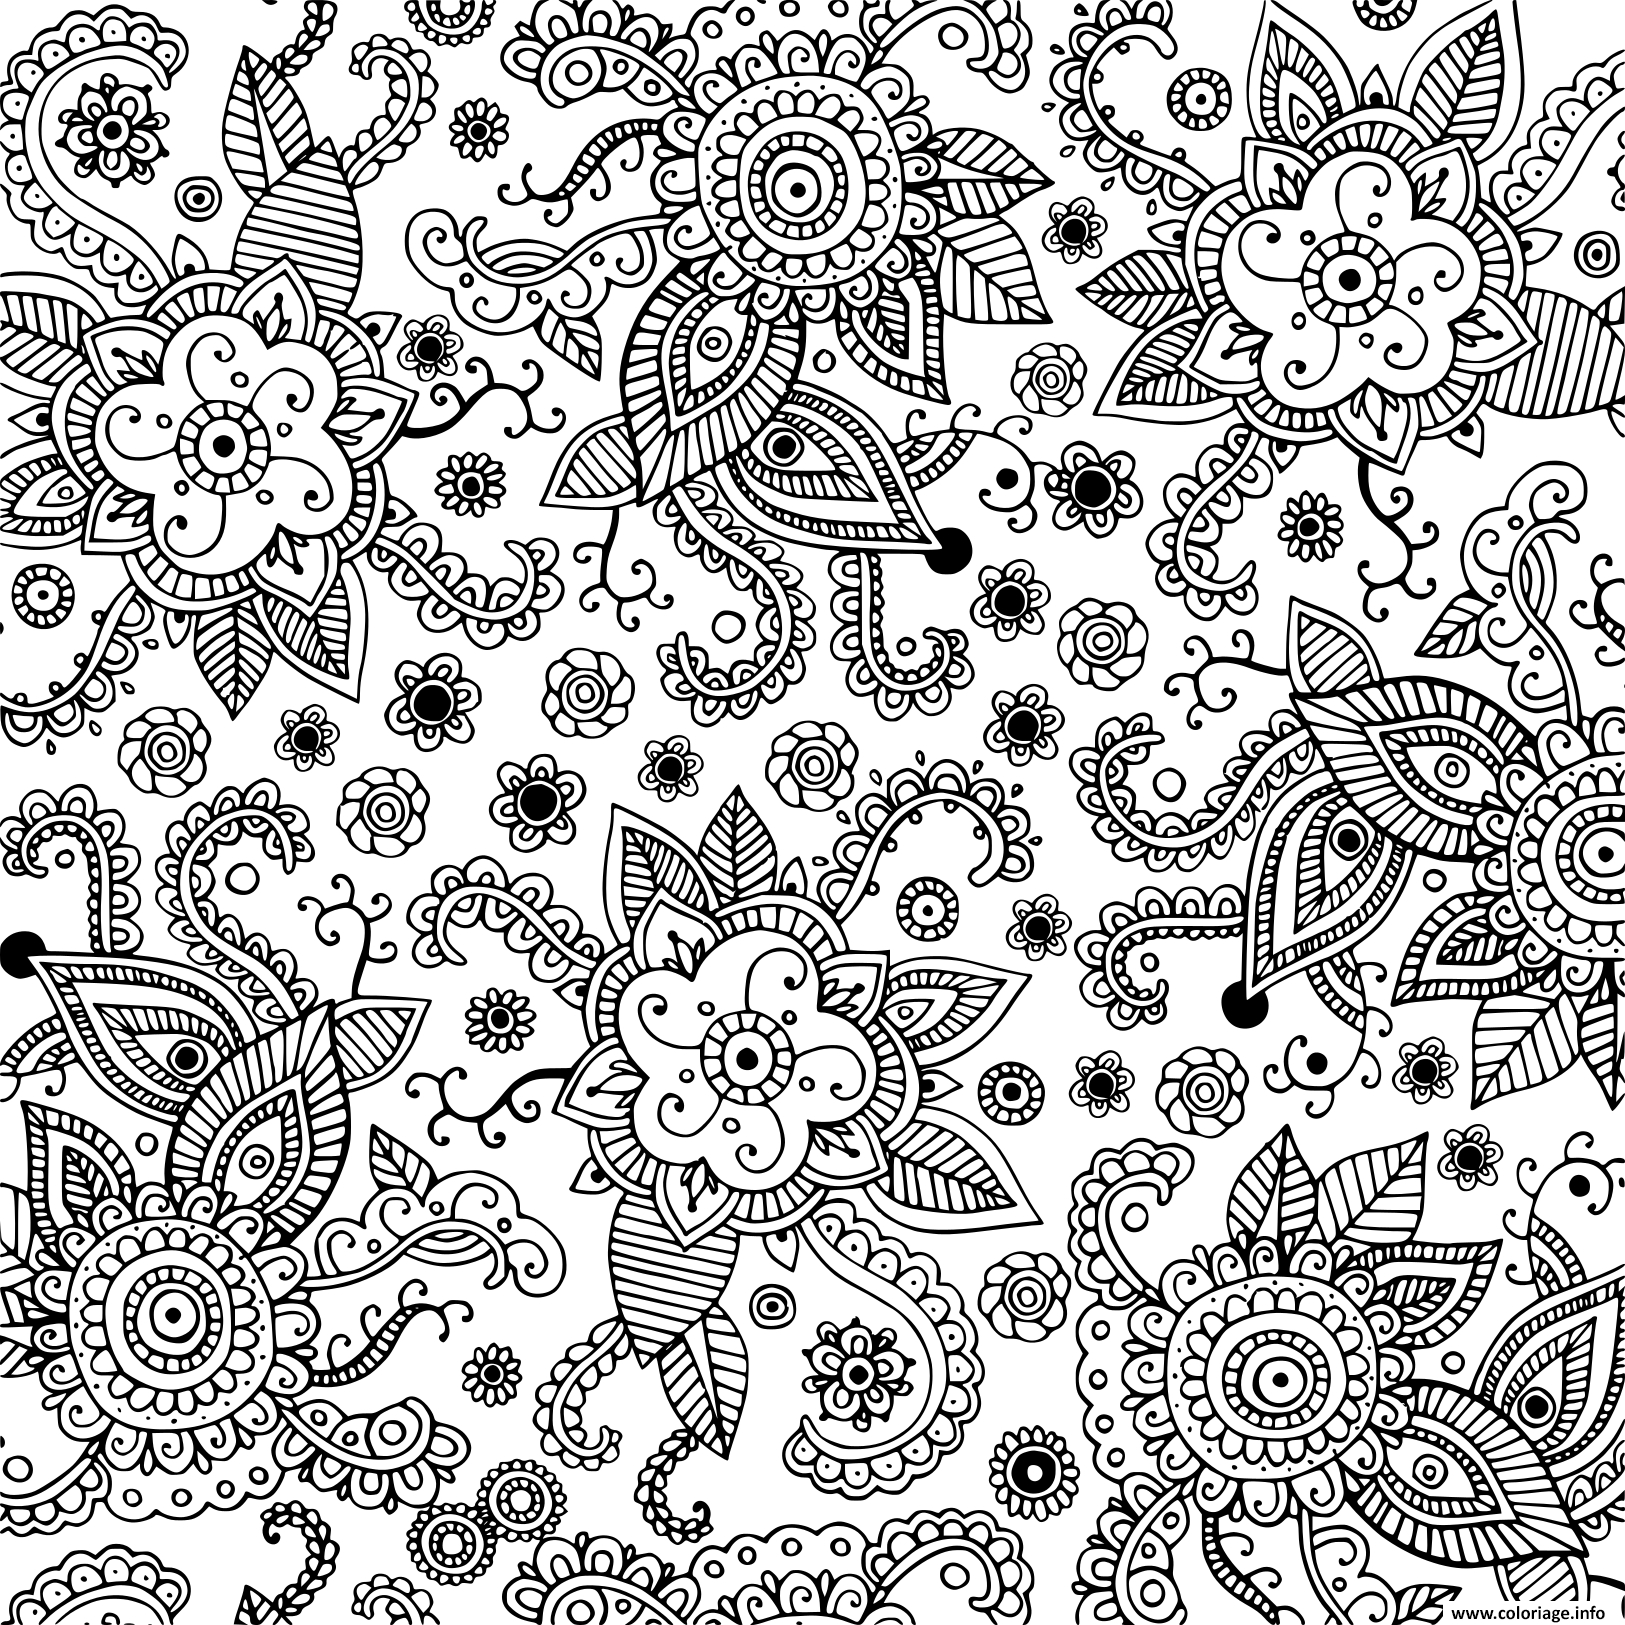 Coloriage Fleurs Nature Adultes Doodle Art Graphique Dessin dedans Coloriage Graphique